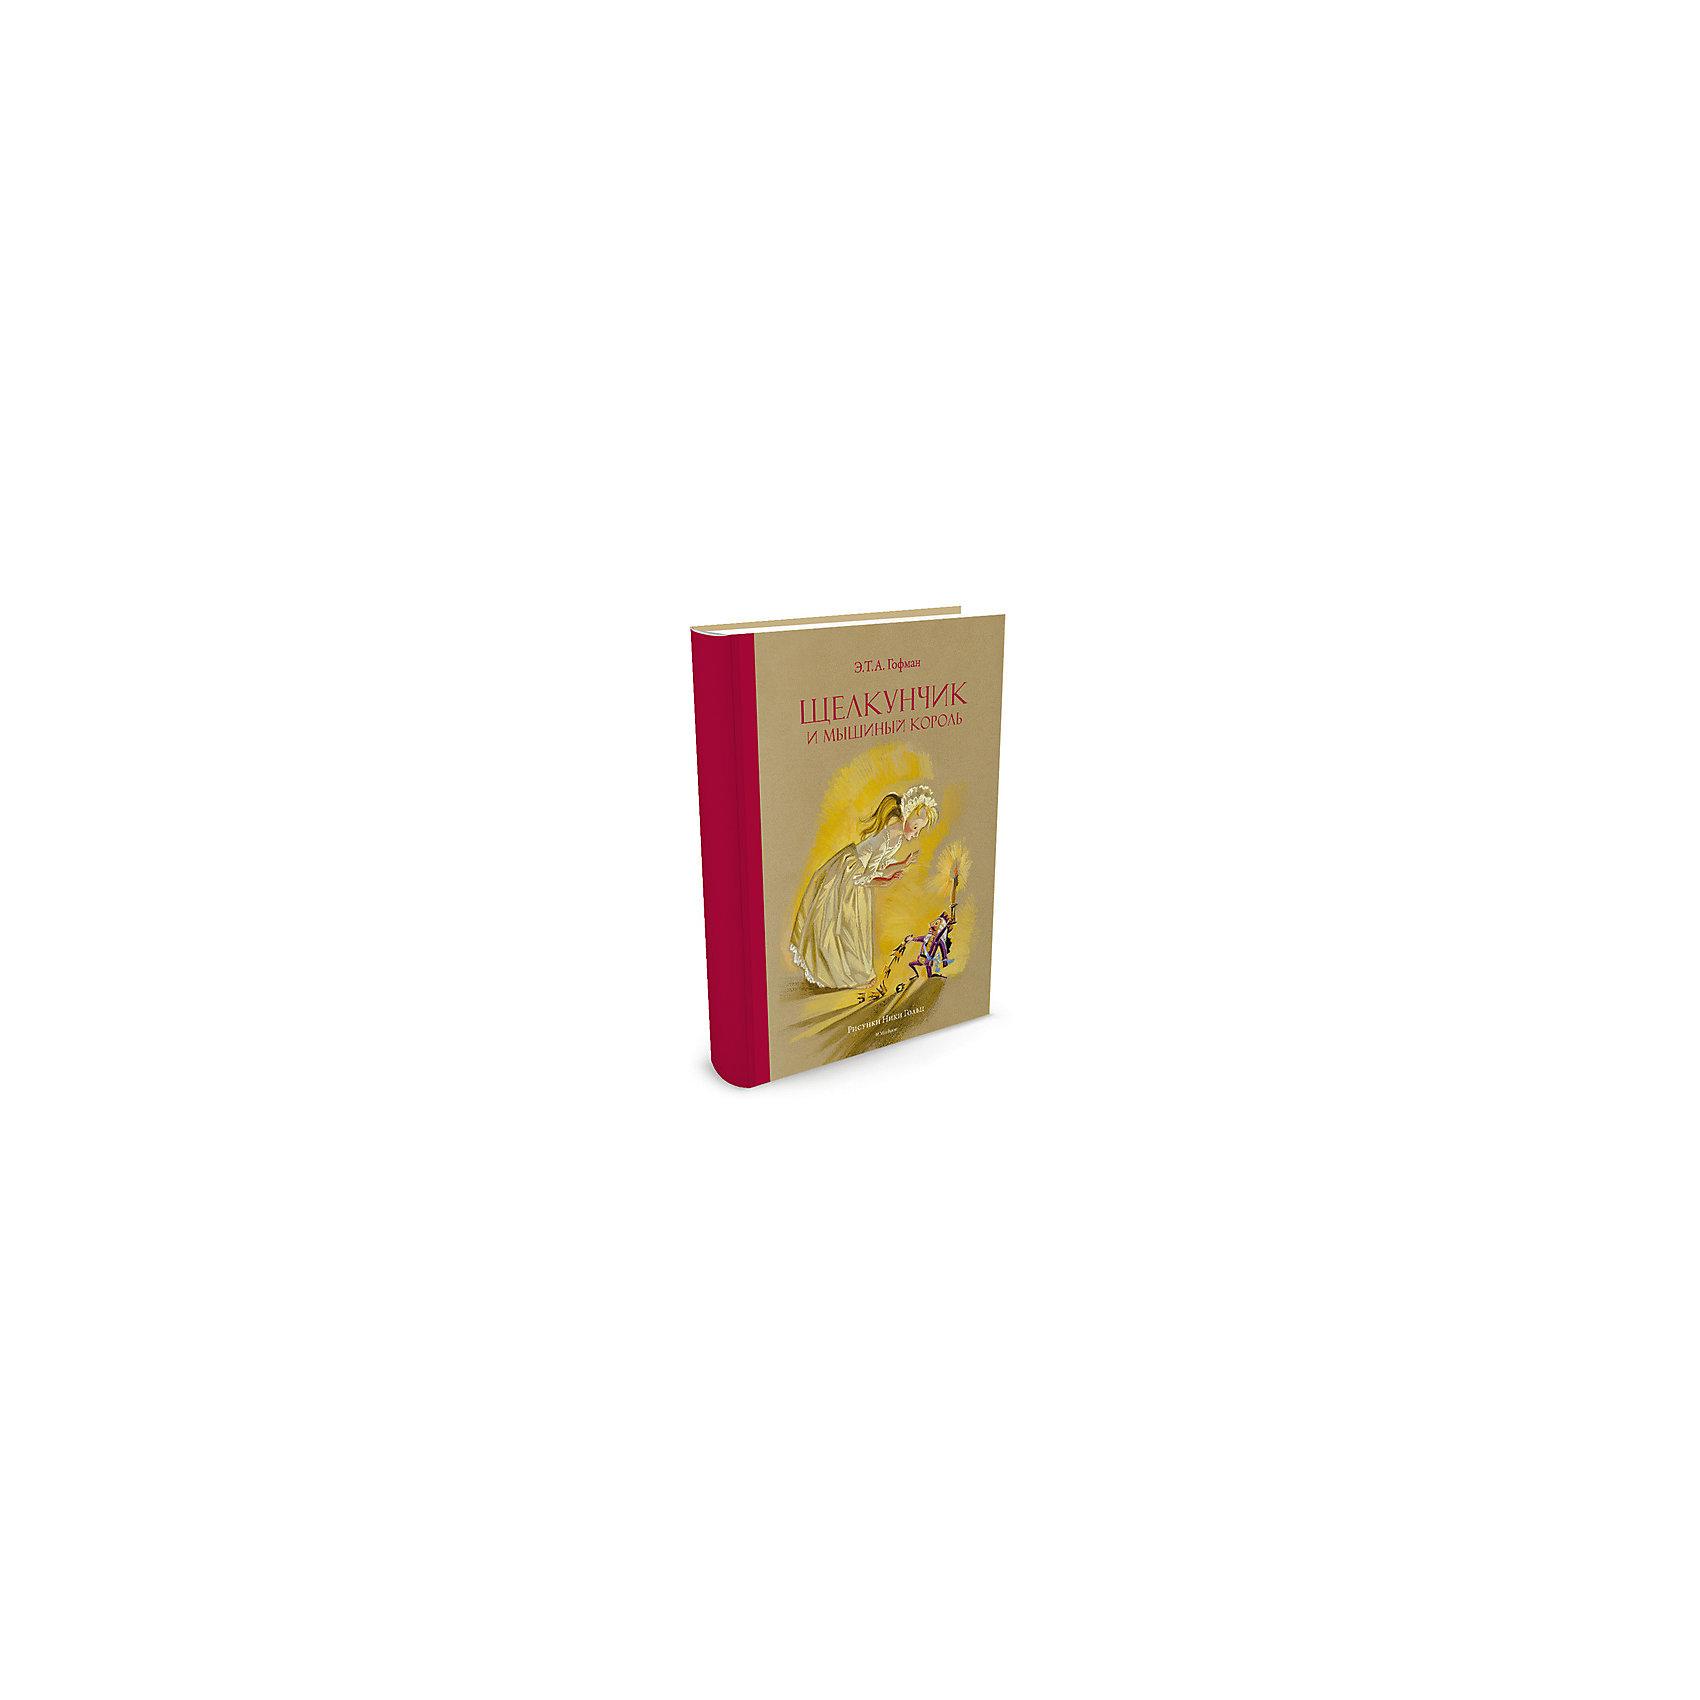 Щелкунчик и мышиный король, Амадей Гофман, MACHAONСказки<br>Сказка Щелкунчик и мышиный король.<br><br>Характеристики:<br><br>• Для детей в возрасте: от 11 до 14 лет<br>• Автор: Эрнст Теодор Амадей Гофман<br>• Иллюстратор: Ника Гольц<br>• Издательство: Азбука-Аттикус, Махаон, 2017 год<br>• Тип обложки: 7Б - твердая (плотная бумага или картон)<br>• Оформление: с тканевым корешком<br>• Иллюстрации: цветные<br>• Количество страниц: 64<br>• Размер: 262х203х10 мм.<br>• Вес: 410 гр.<br>• ISBN: 9785389119048<br><br>Сказка «Щелкунчик и мышиный король» – одна из знаменитых волшебных историй, написанных великим романтиком немецкой литературы Эрнстом Теодором Амадеем Гофманом. Эта таинственная сказка, давно ставшая хрестоматийной, неизменно вызывает восхищение у юных читателей, ведь в ней происходят настоящие чудеса: куклы и игрушечные солдатики в детской оживают и помогают Мари и Фрицу защитить Щелкунчика и победить войско мышиного короля. Эту рождественскую сказку проиллюстрировала Ника Георгиевна Гольц - непревзойдённый мастер книжной иллюстрации, заслуженный художник России, обладатель Почётного диплома Международной премии имени Х.К. Андерсена. Ника Георгиевна Гольц увидела героев Гофмана по-своему, очень индивидуально и талантливо. Её рисунки – воздушные, лёгкие, даже волшебные – помогают читателям погрузиться в мир Гофмана и почувствовать необычность его сказки.<br><br>Книгу Сказка Щелкунчик и мышиный король можно купить в нашем интернет-магазине.<br><br>Ширина мм: 262<br>Глубина мм: 203<br>Высота мм: 100<br>Вес г: 410<br>Возраст от месяцев: 132<br>Возраст до месяцев: 168<br>Пол: Унисекс<br>Возраст: Детский<br>SKU: 5493438